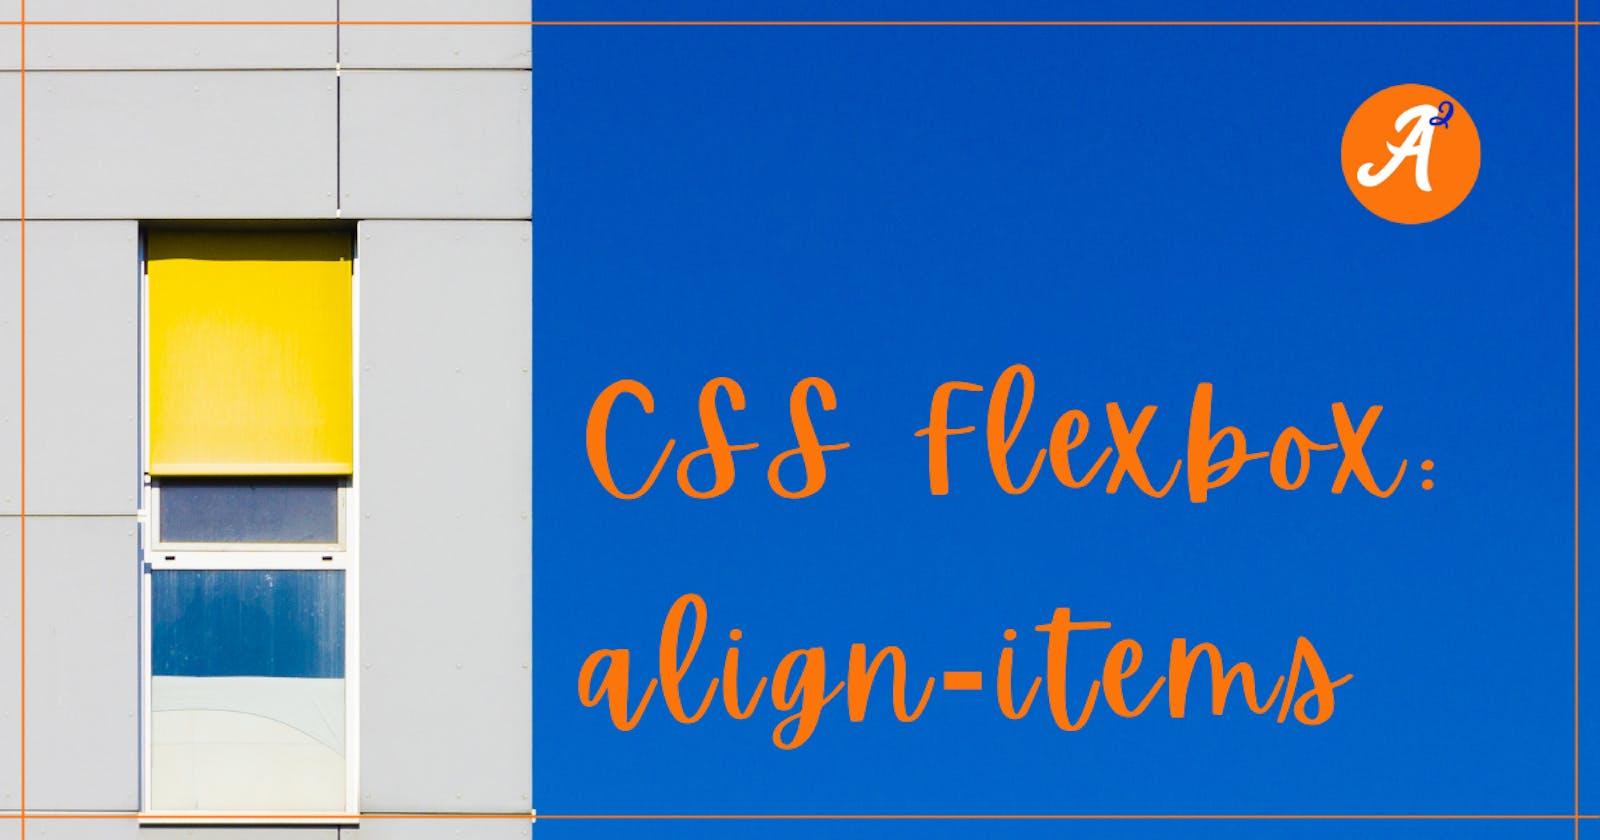 CSS Flexbox: align-items